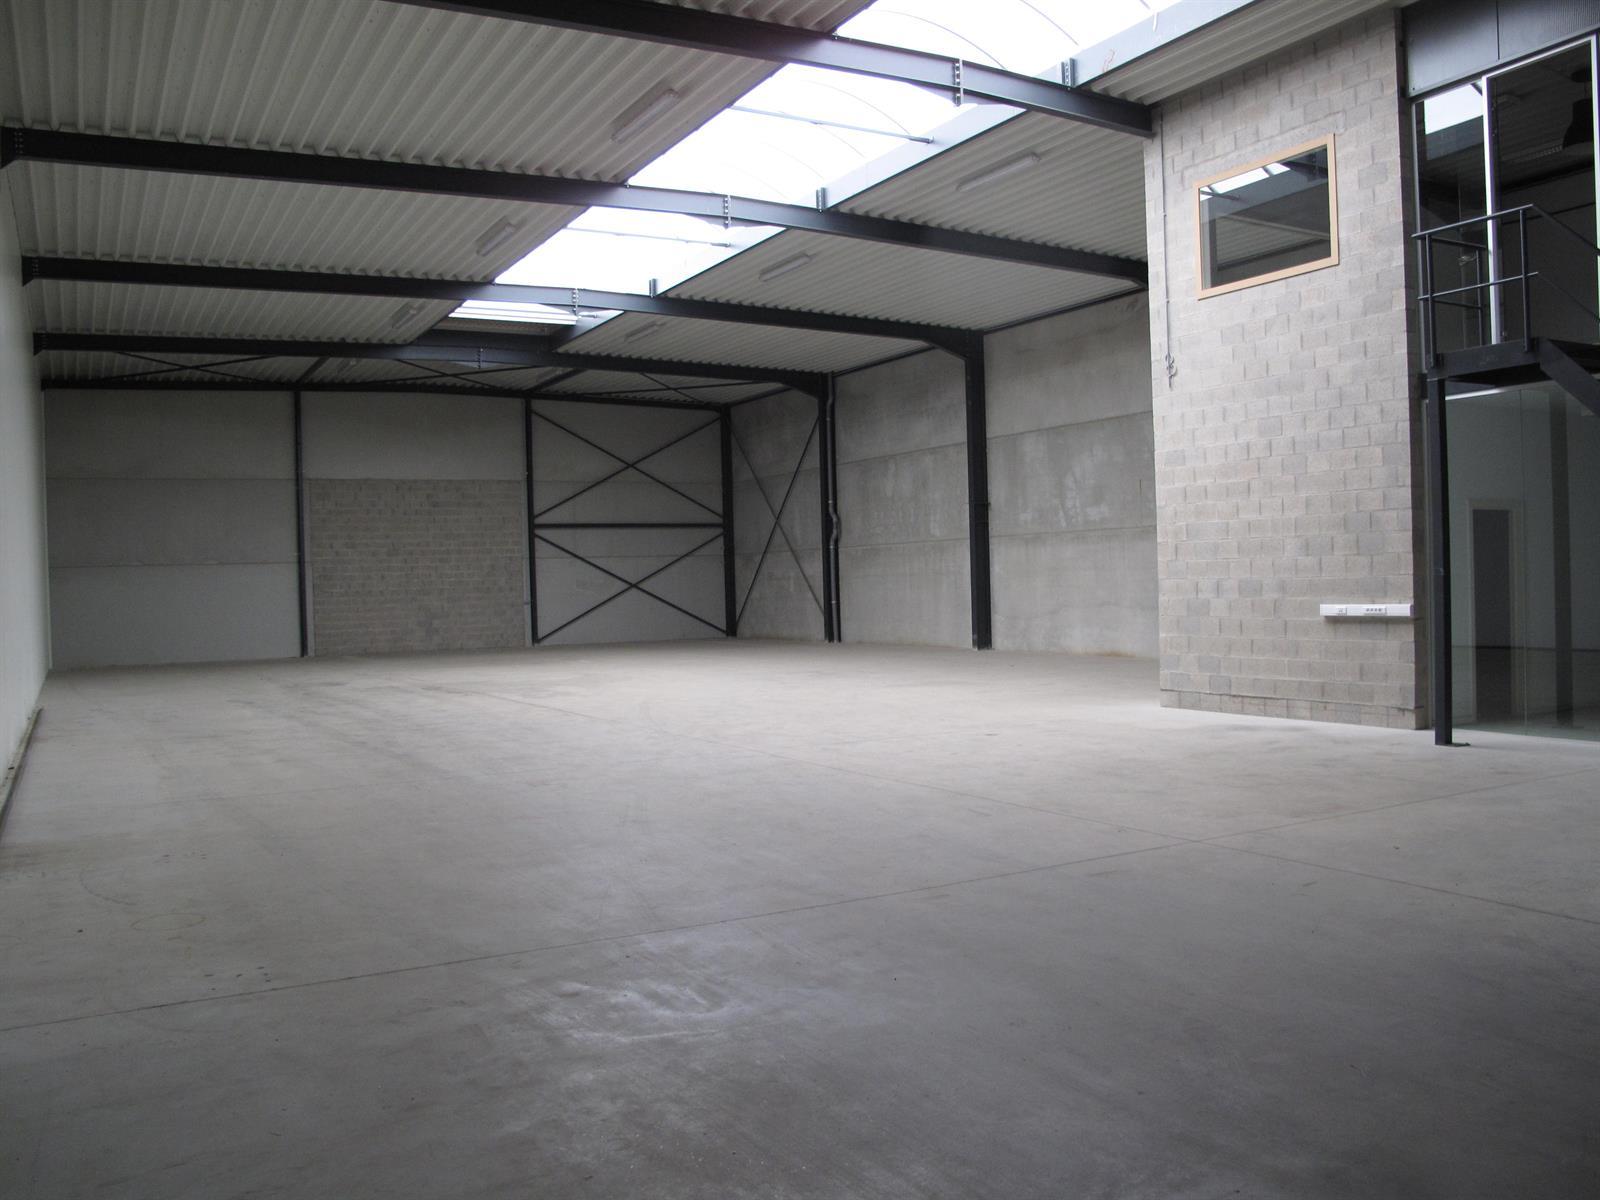 kantoren & magazijn verhuurd I144 - Magazijn met kantoorruimte Oostmalsesteenweg  106 3